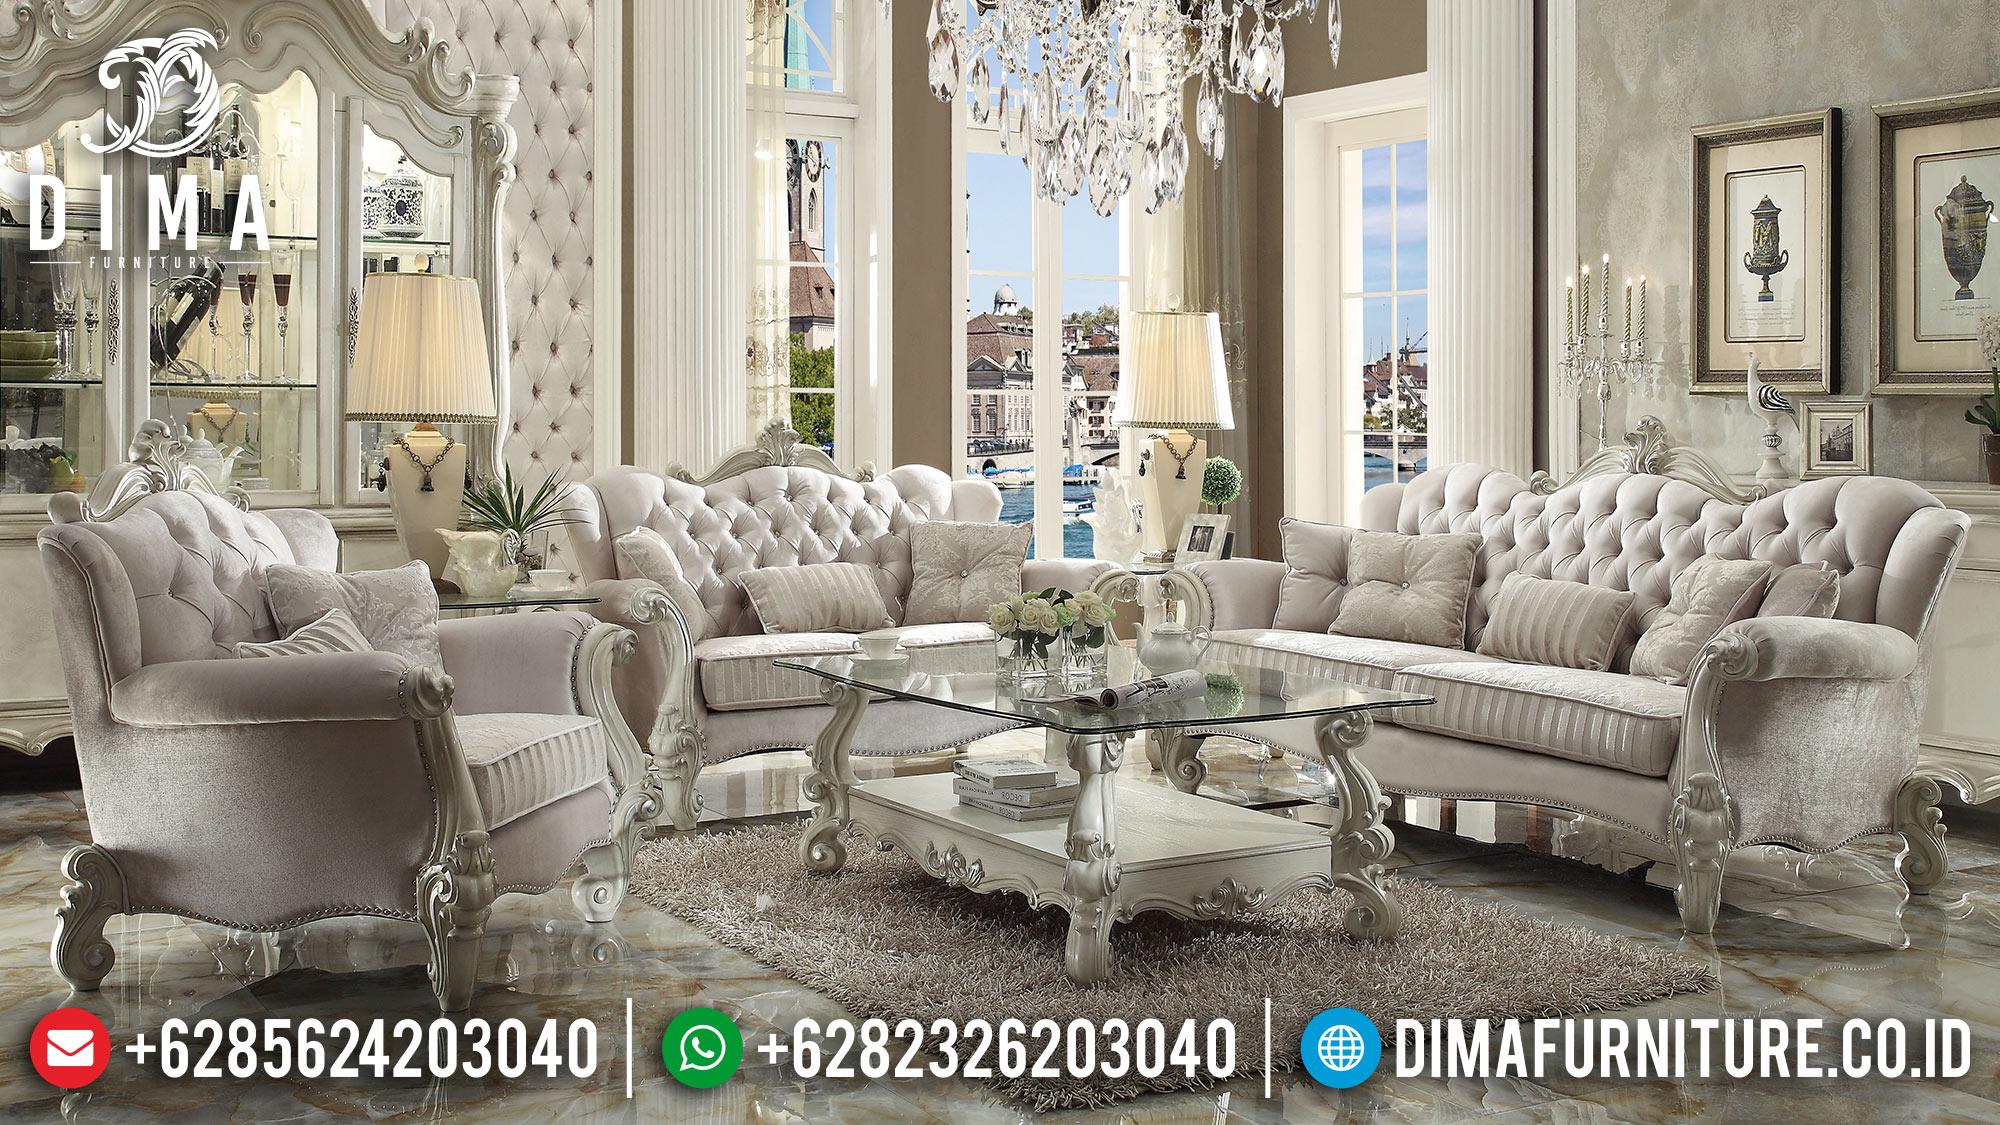 Kursi Tamu Mewah Jepara, Sofa Terbaru Jepara, Sofa Ruang Tamu Mewah DF-0473